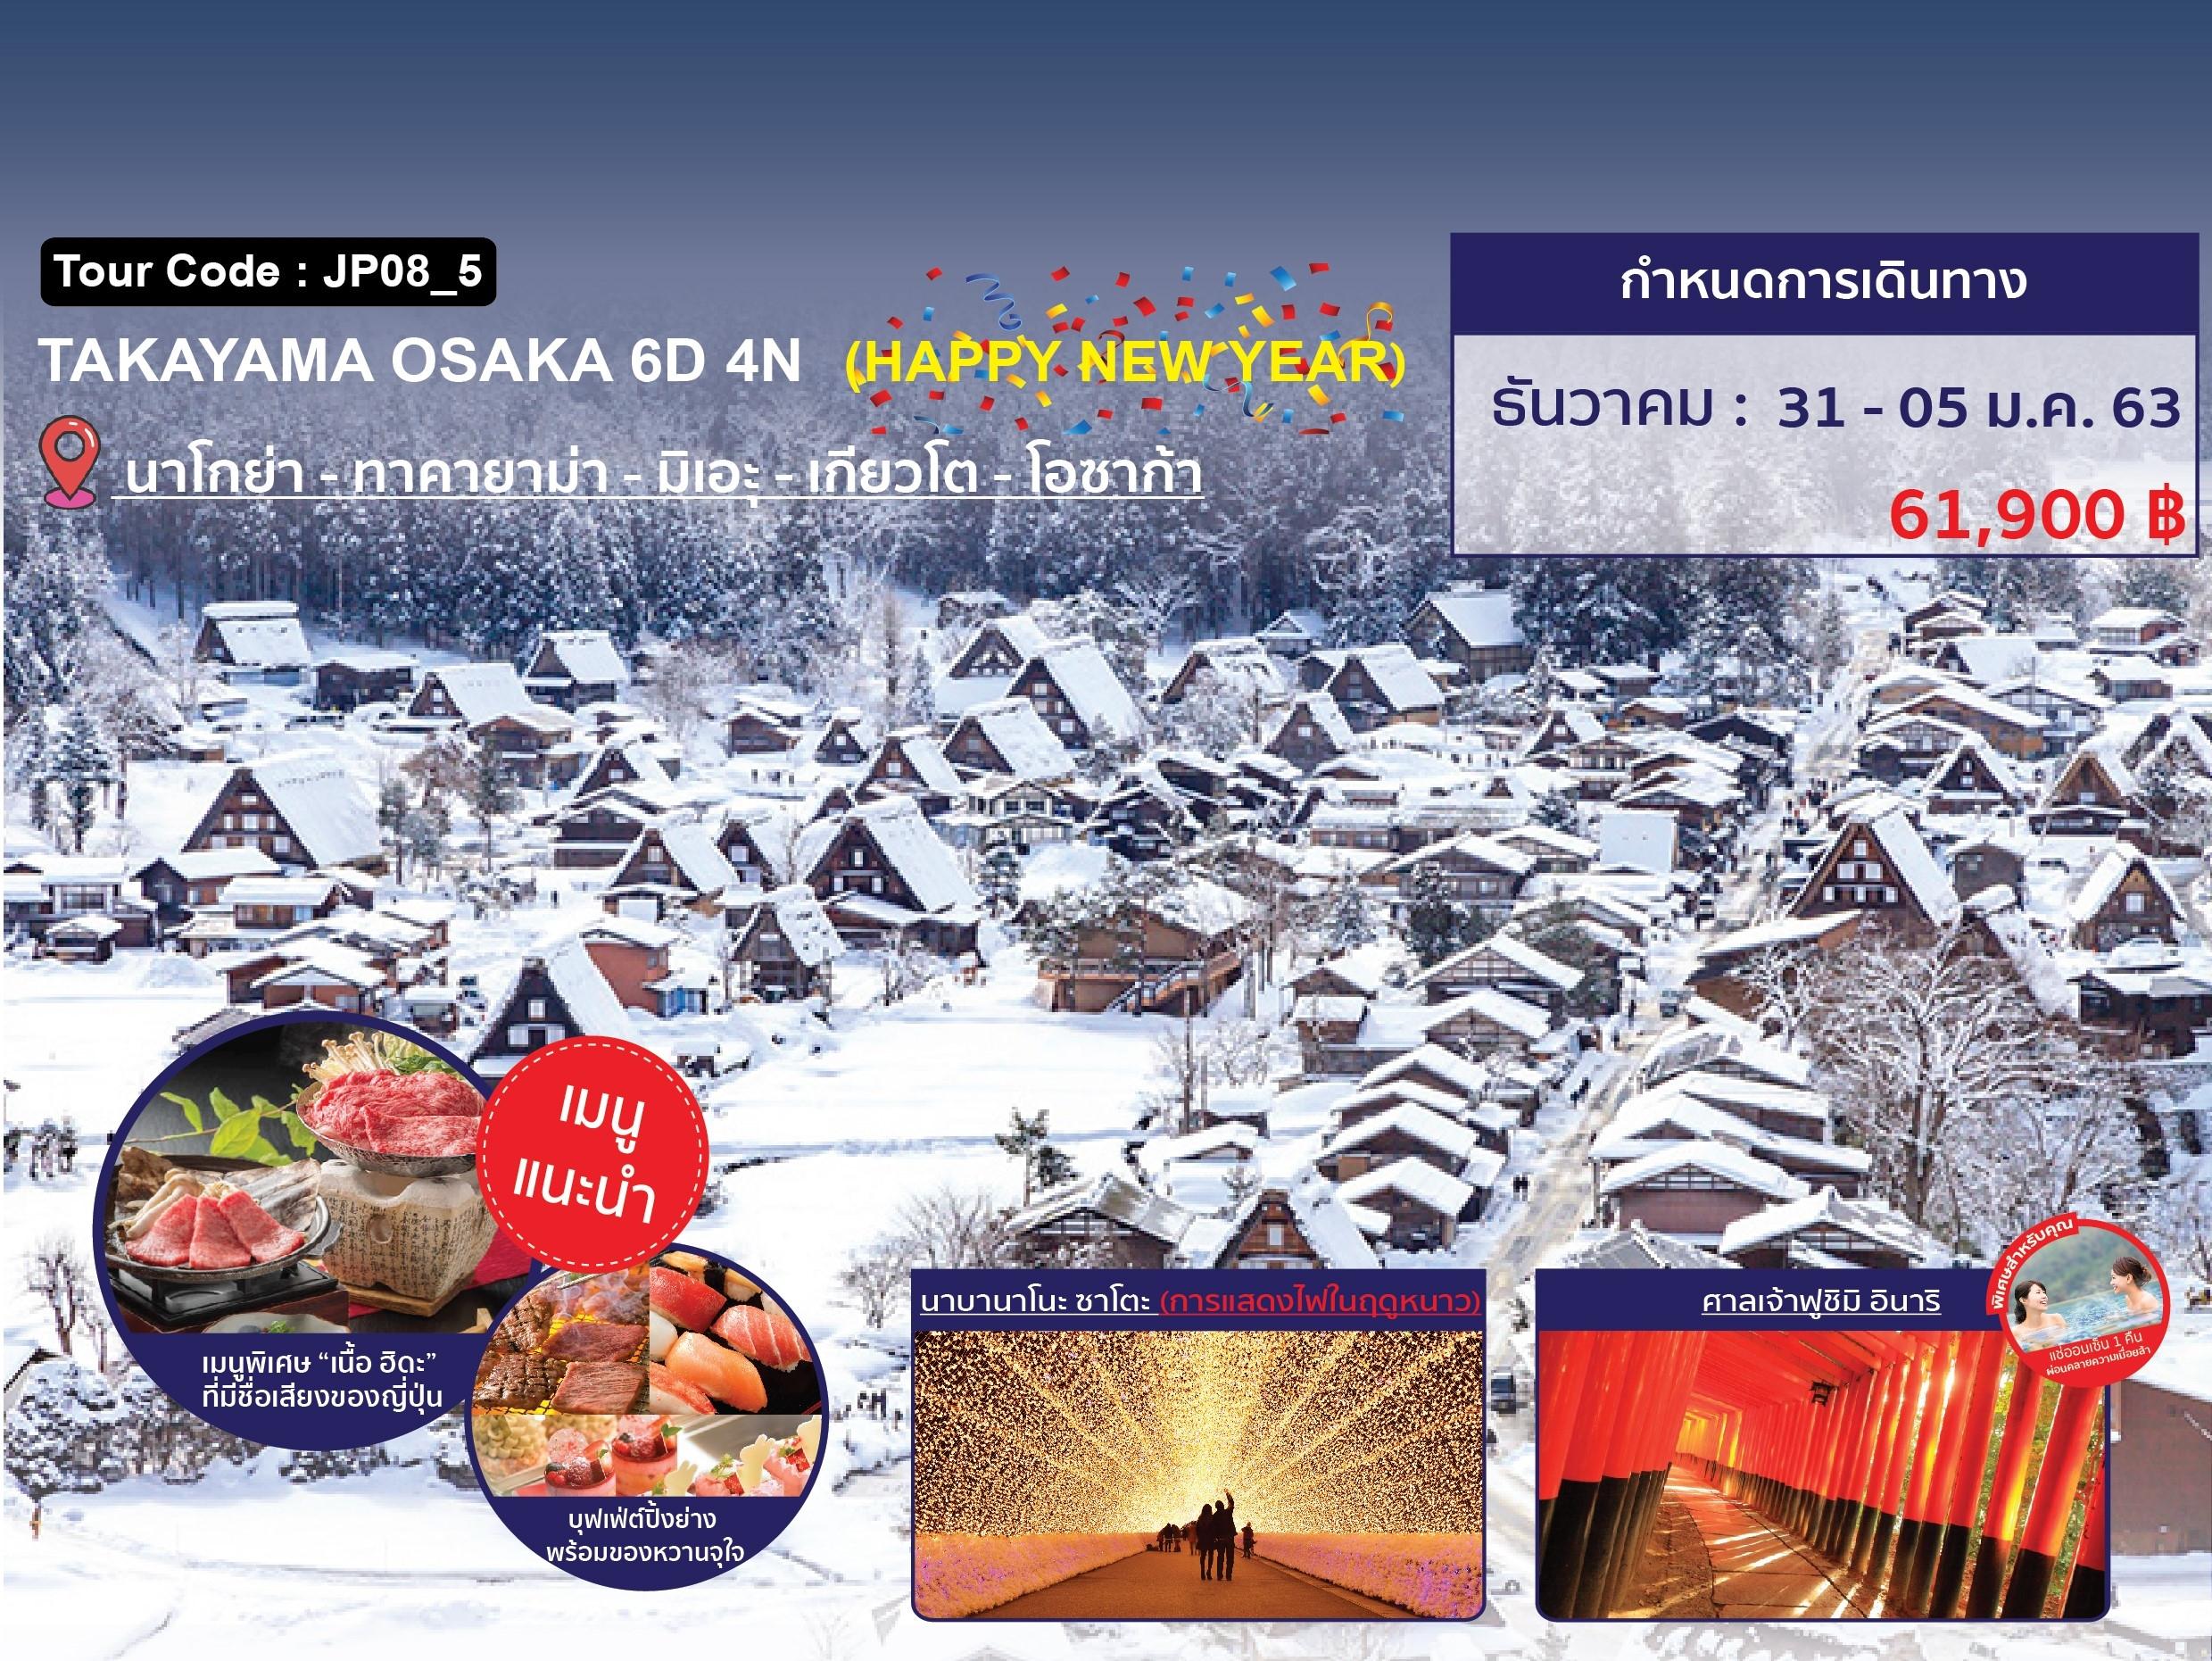 ปีใหม่-!!ทัวร์ญี่ปุ่น-TAKAYAMA-OSAKA-HAPPY-NEW-YEAR-(31DEC-5JAN20)(TG)